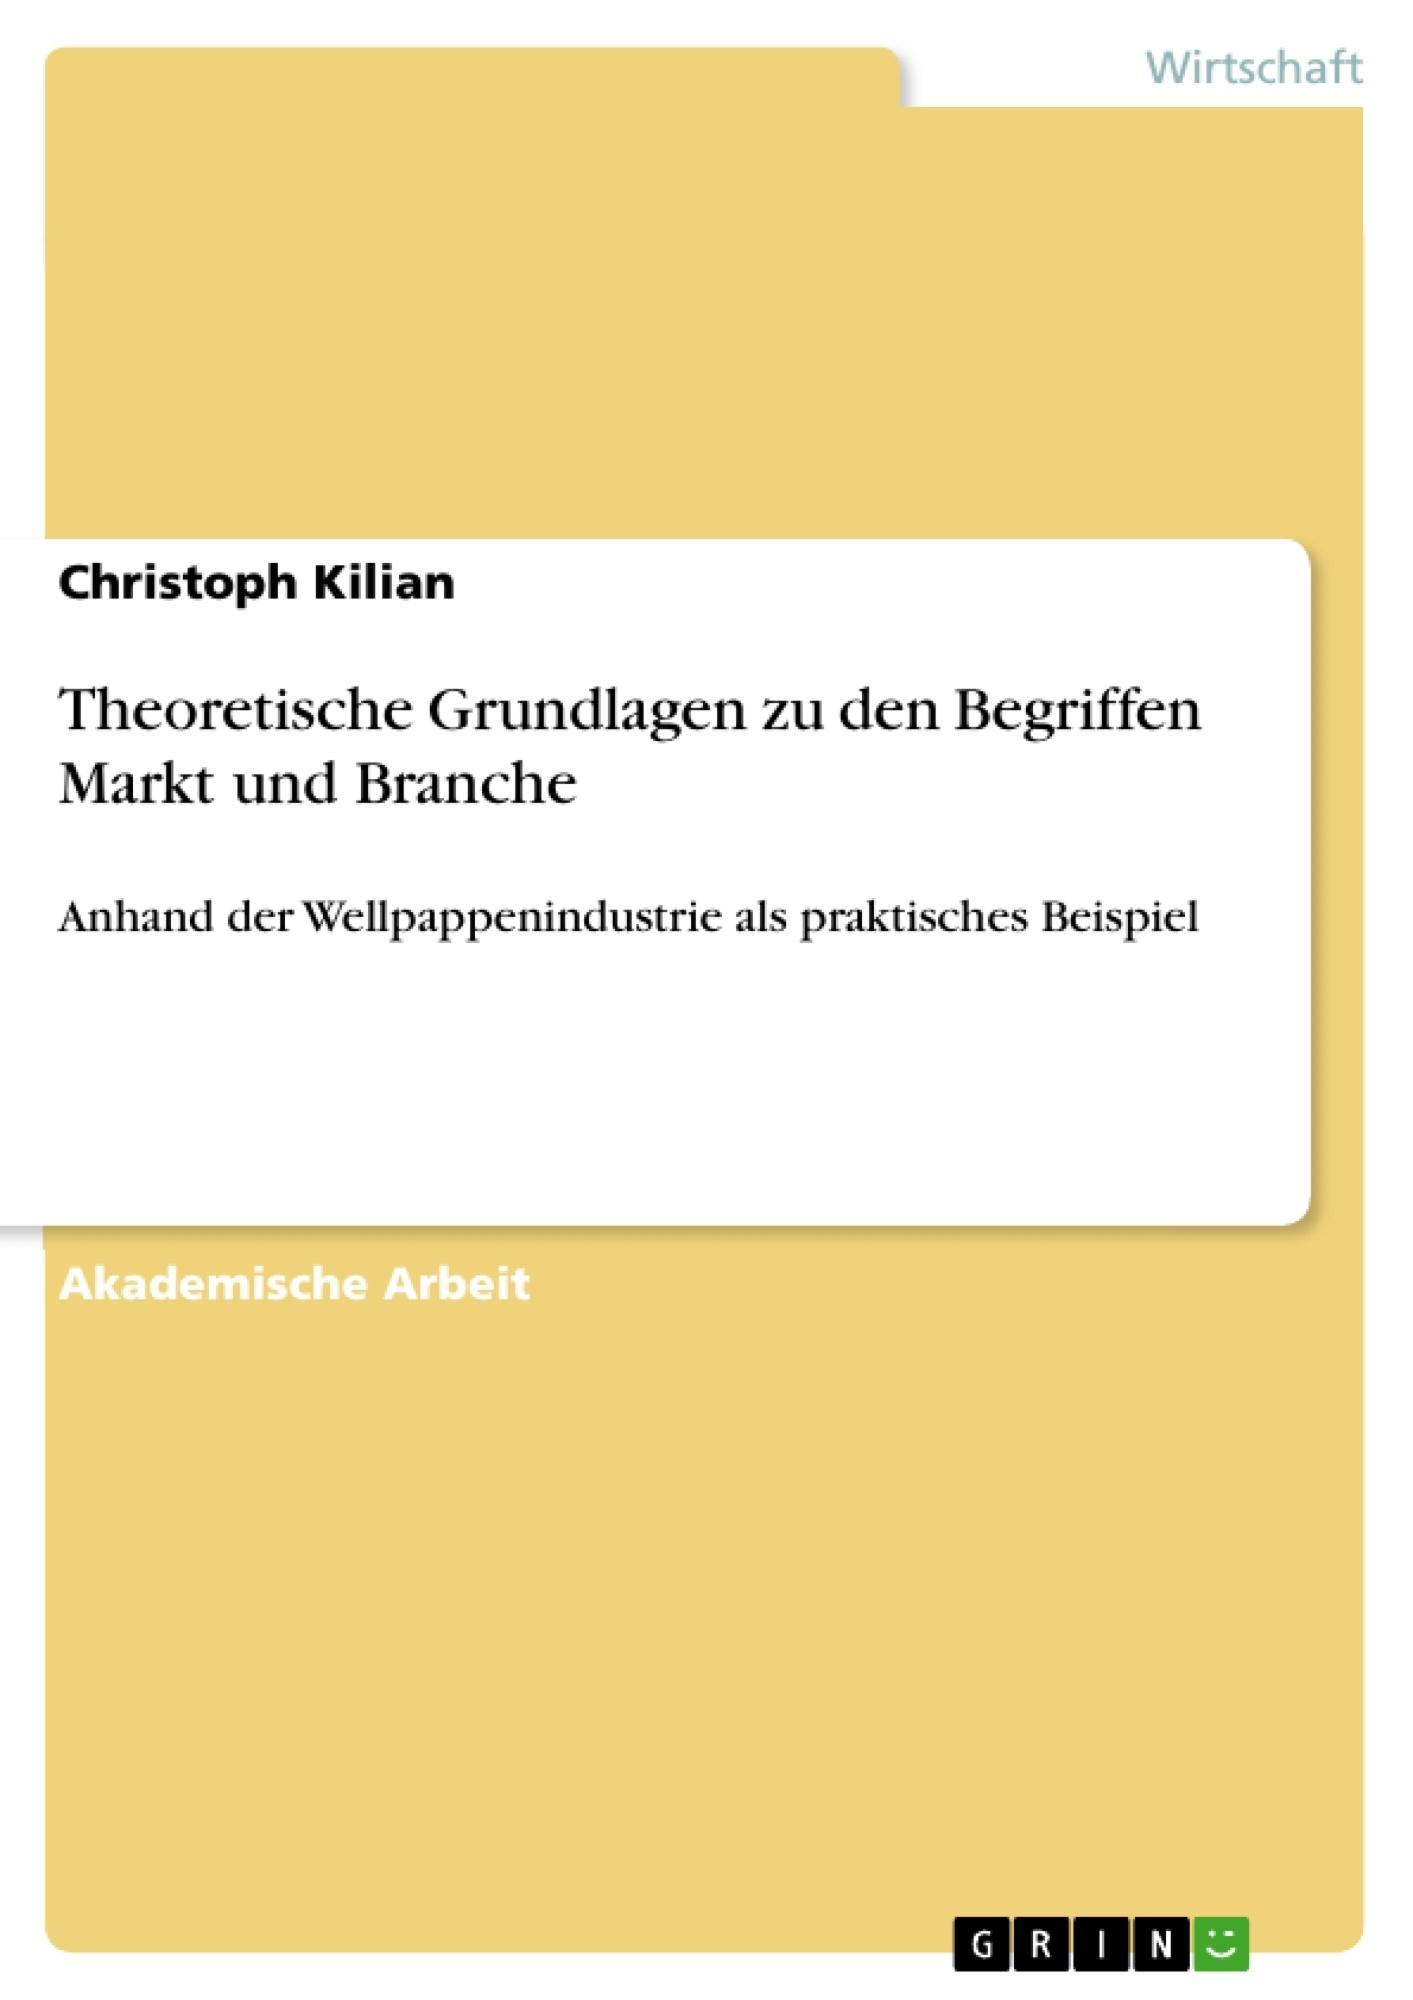 Titel: Theoretische Grundlagen zu den Begriffen Markt und Branche